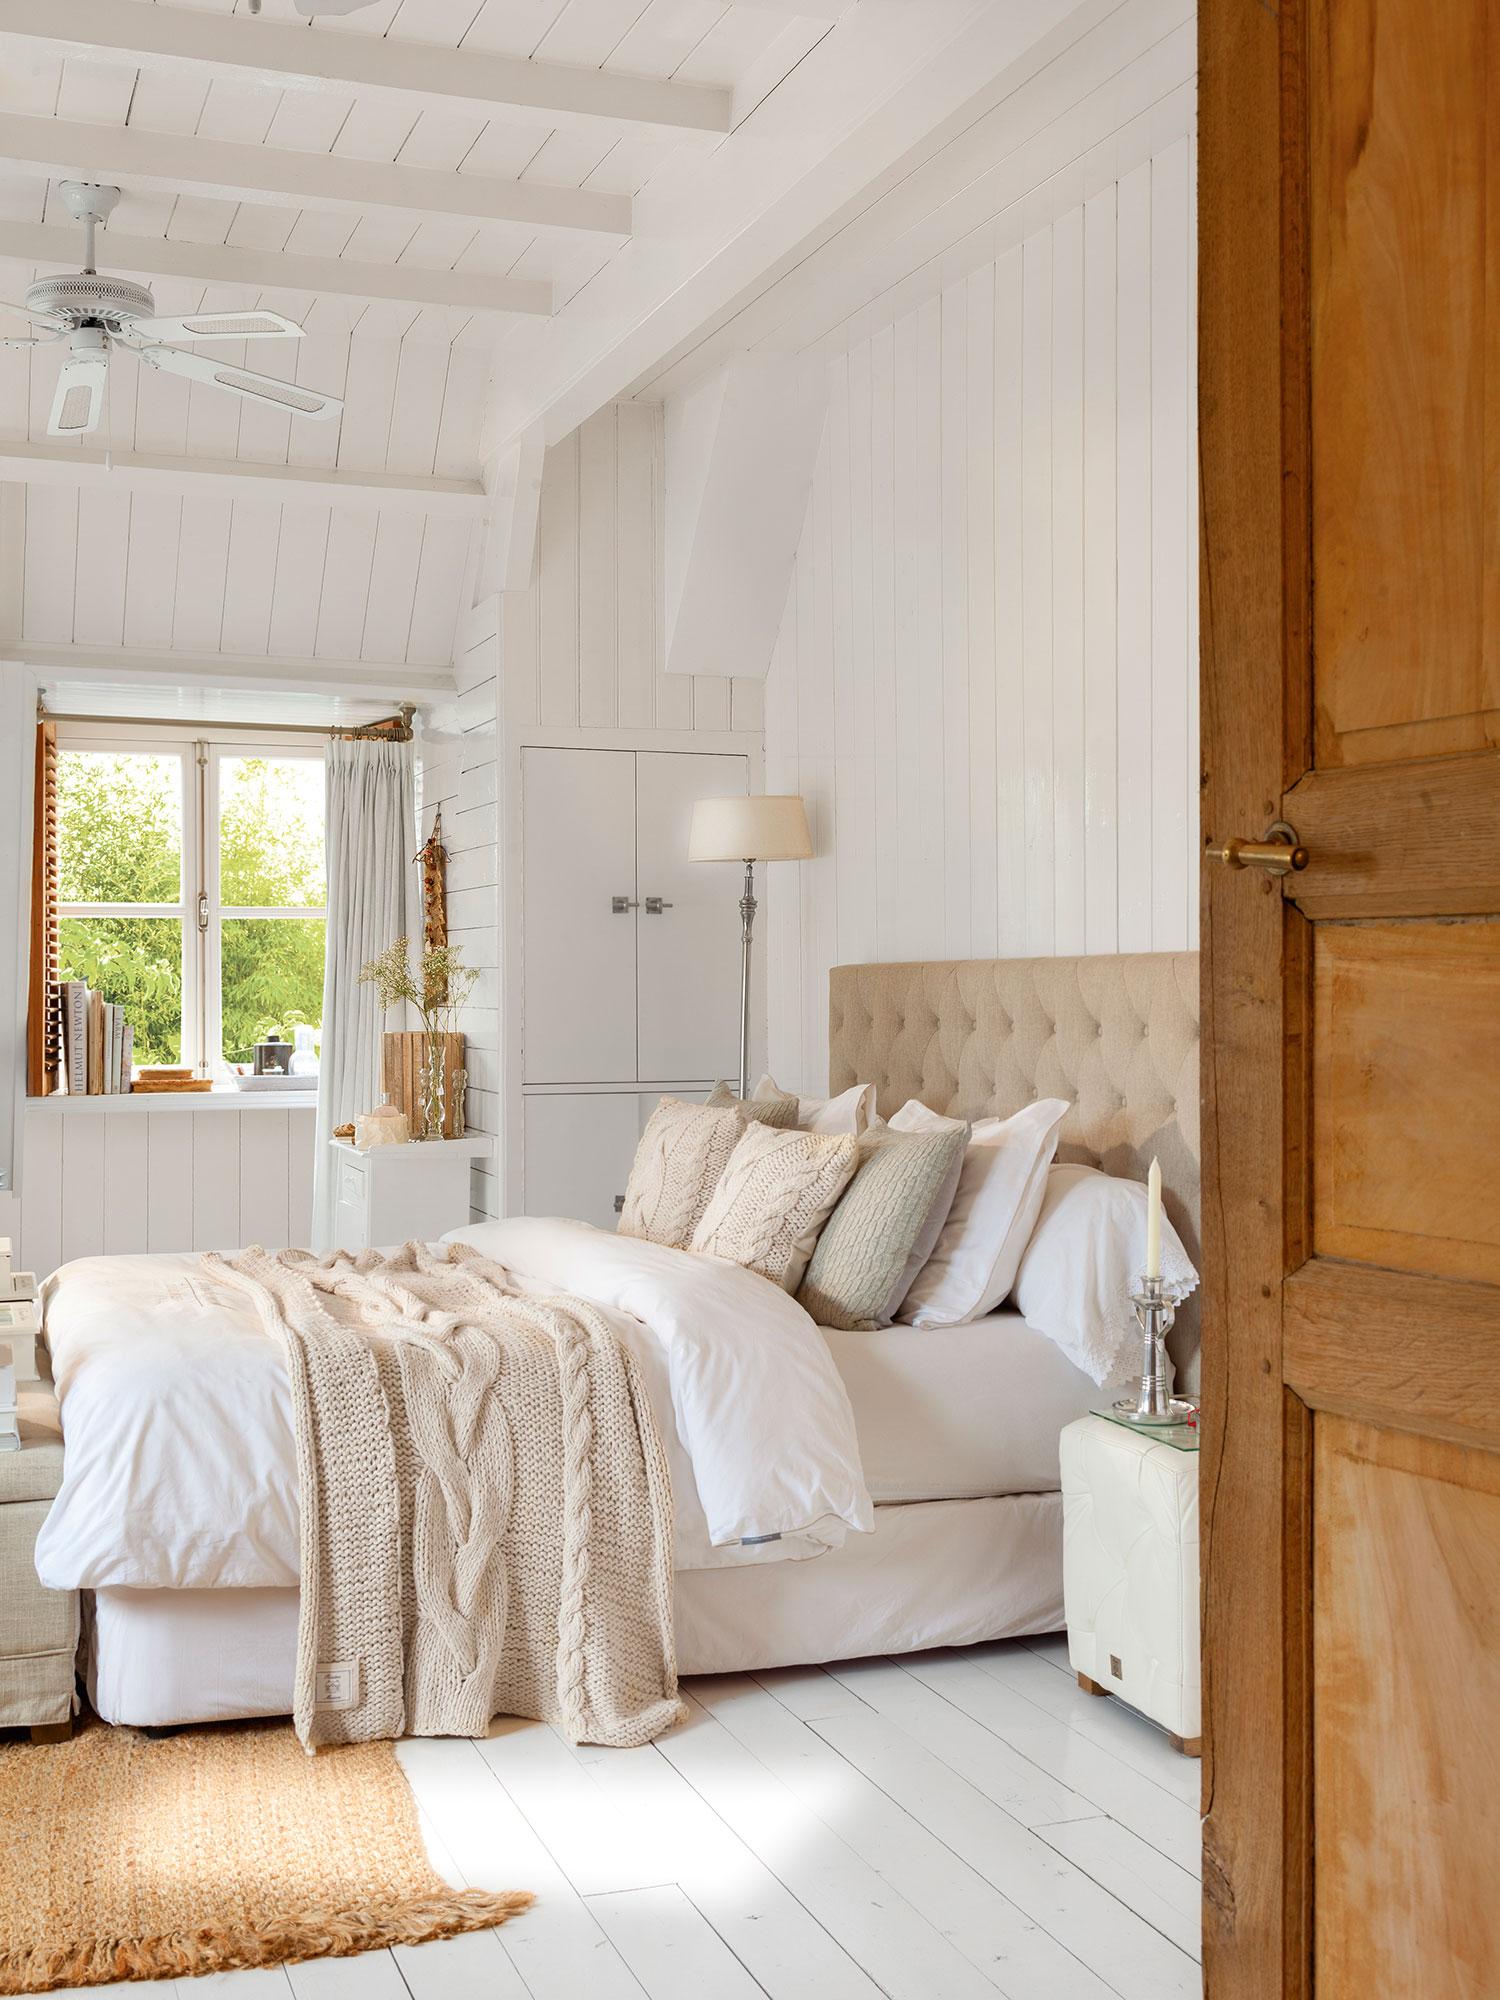 Muebles dormitorio estilo provenzal 20170721182501 for Muebles de dormitorio